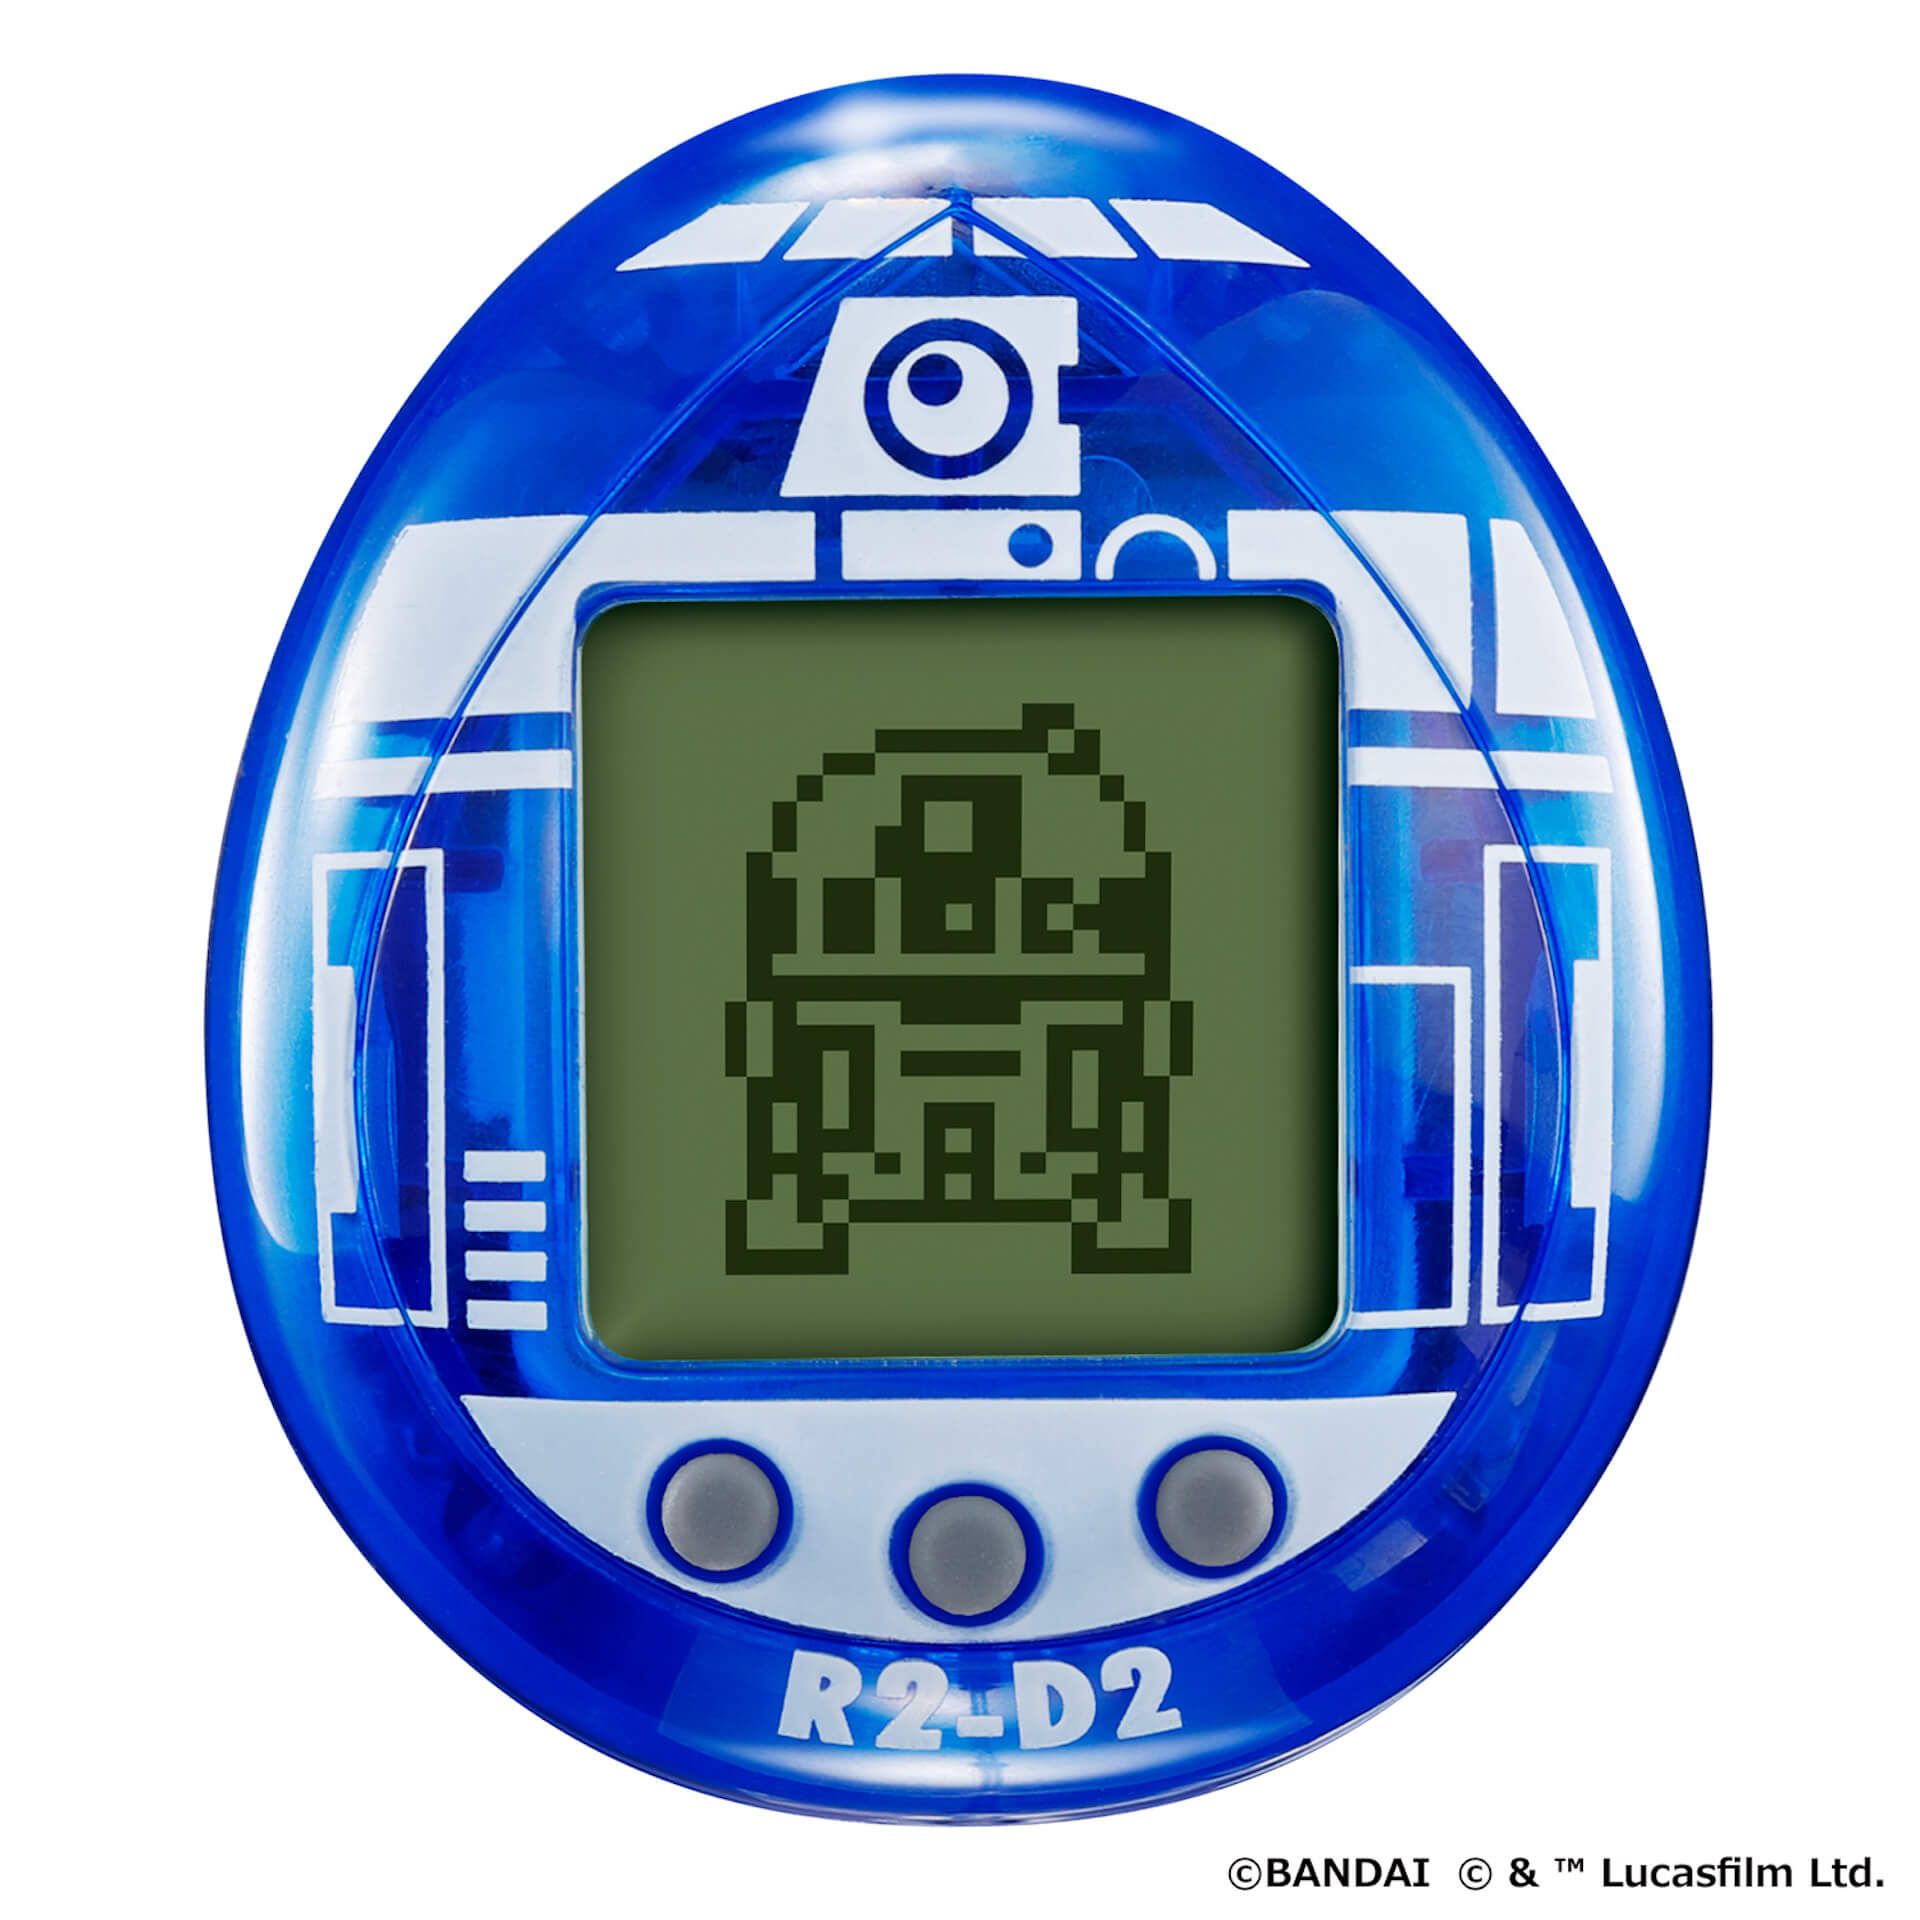 『スター・ウォーズ』のR2-D2をたまごっちで育成しよう!『R2-D2 TAMAGOTCHI』がバンダイから発売決定 tech210803_starwars_r2d2_3